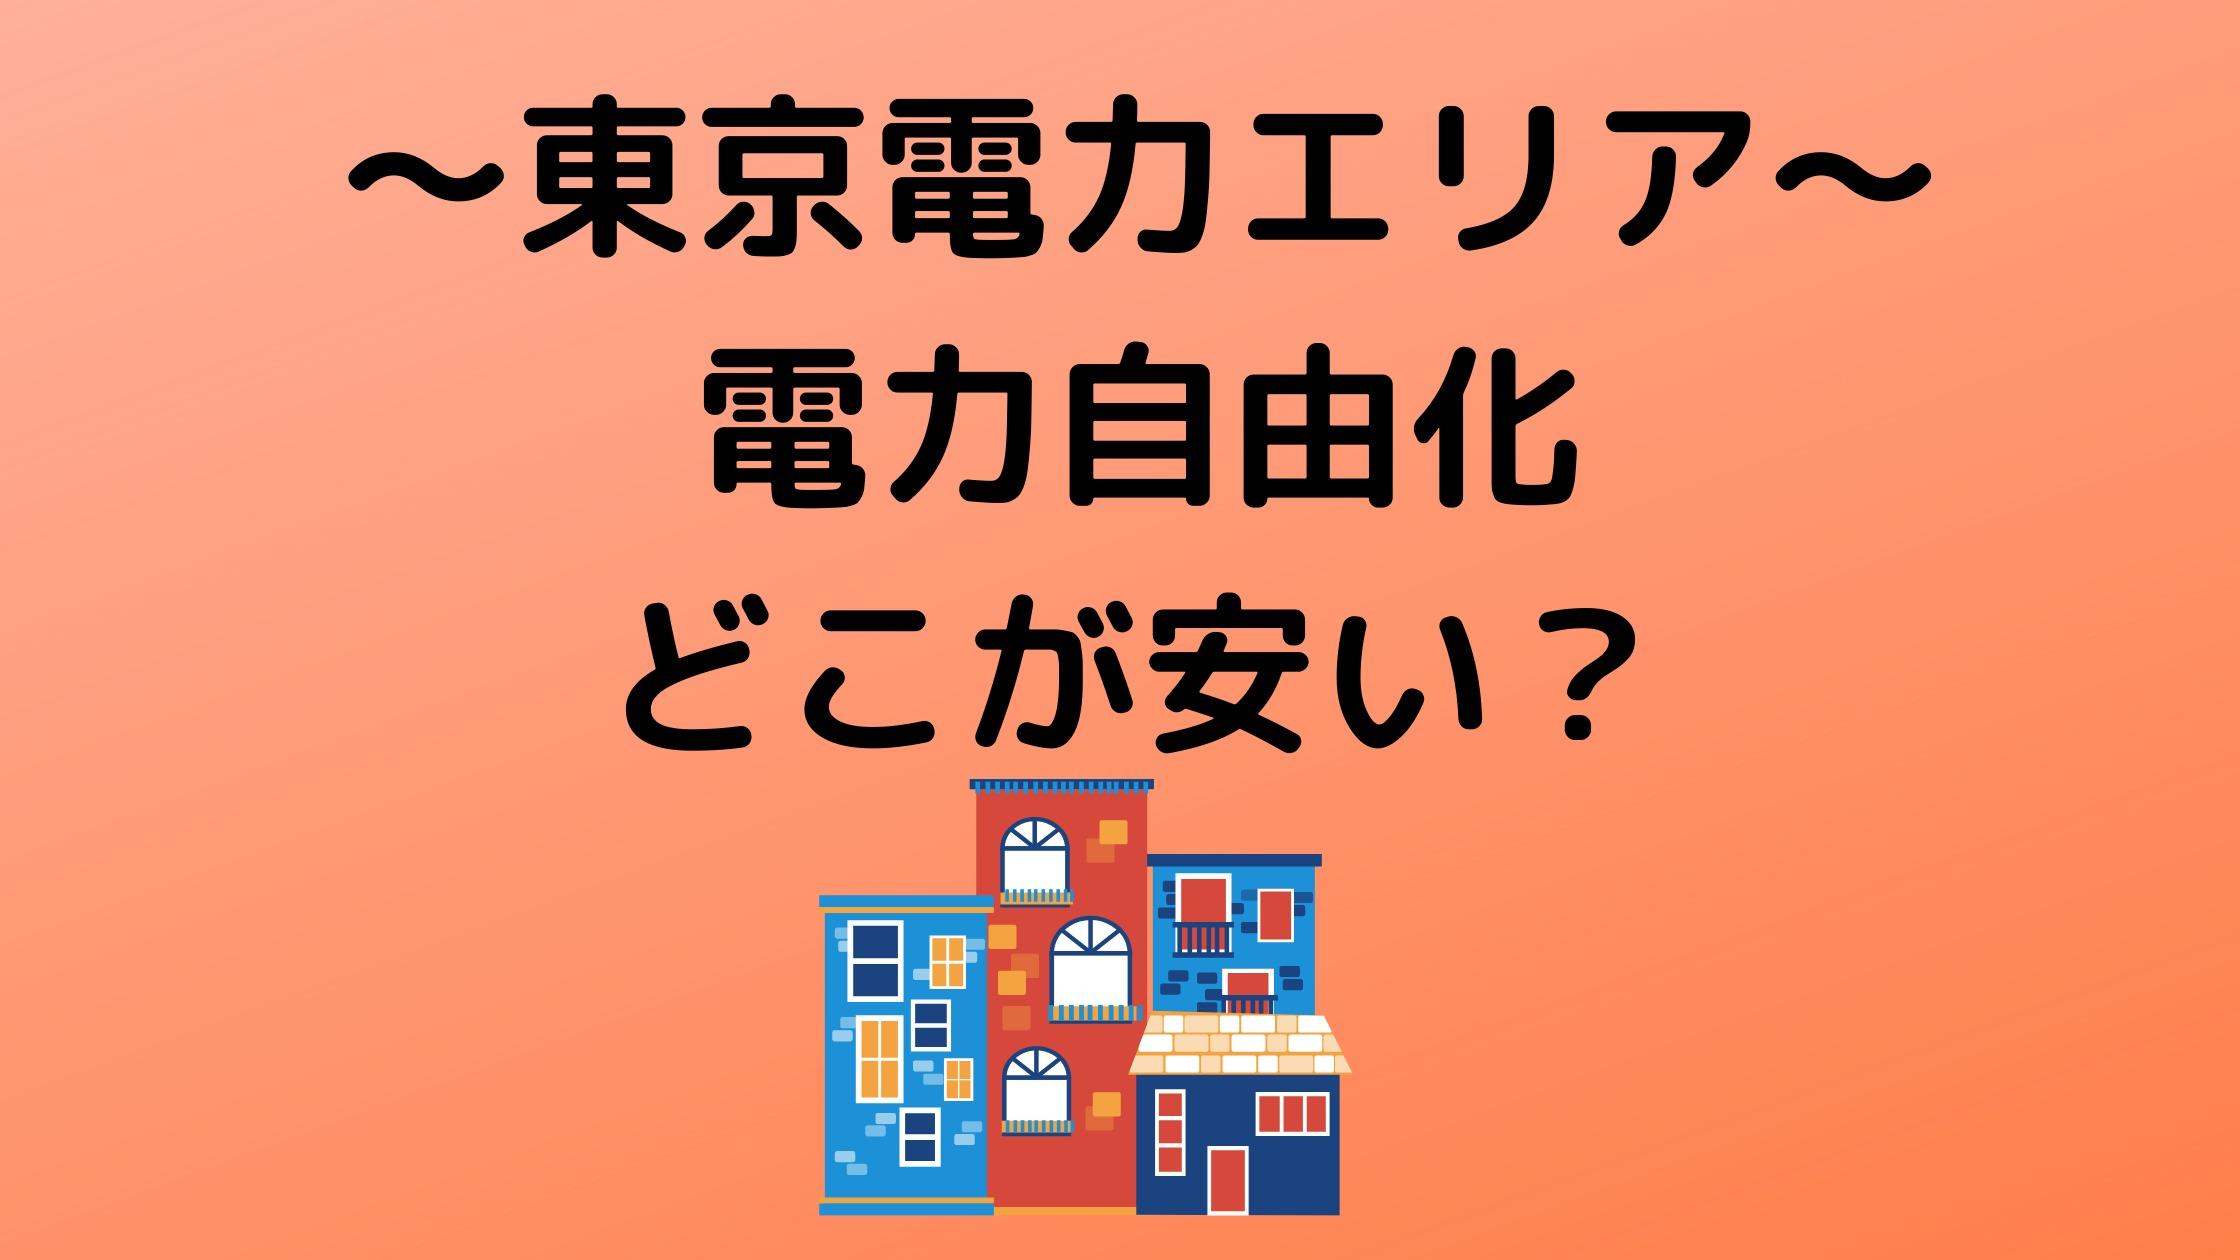 東京電力エリアの電力自由化